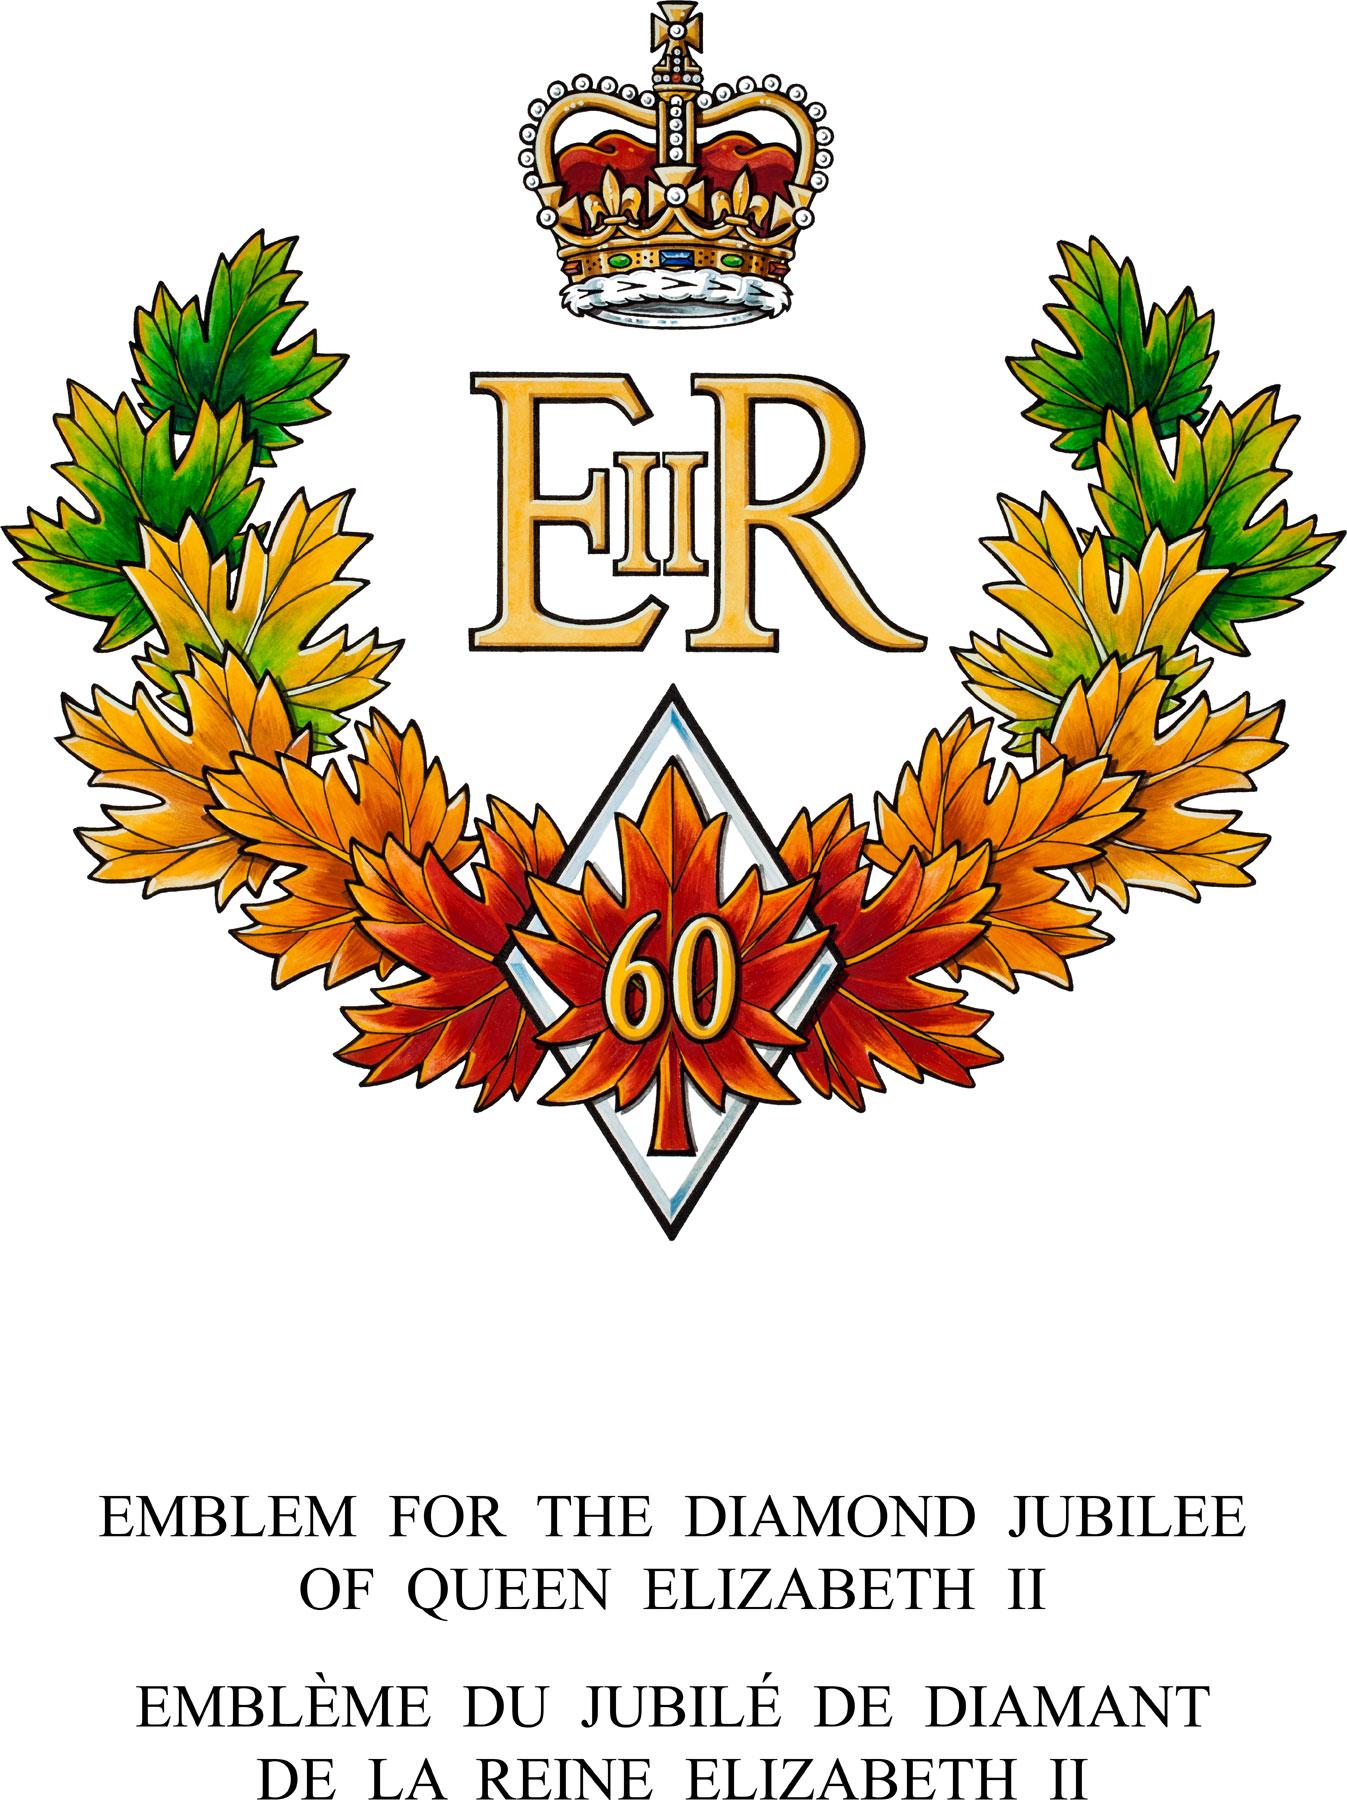 Diamond Jubilee of Queen Elizabeth II emblem